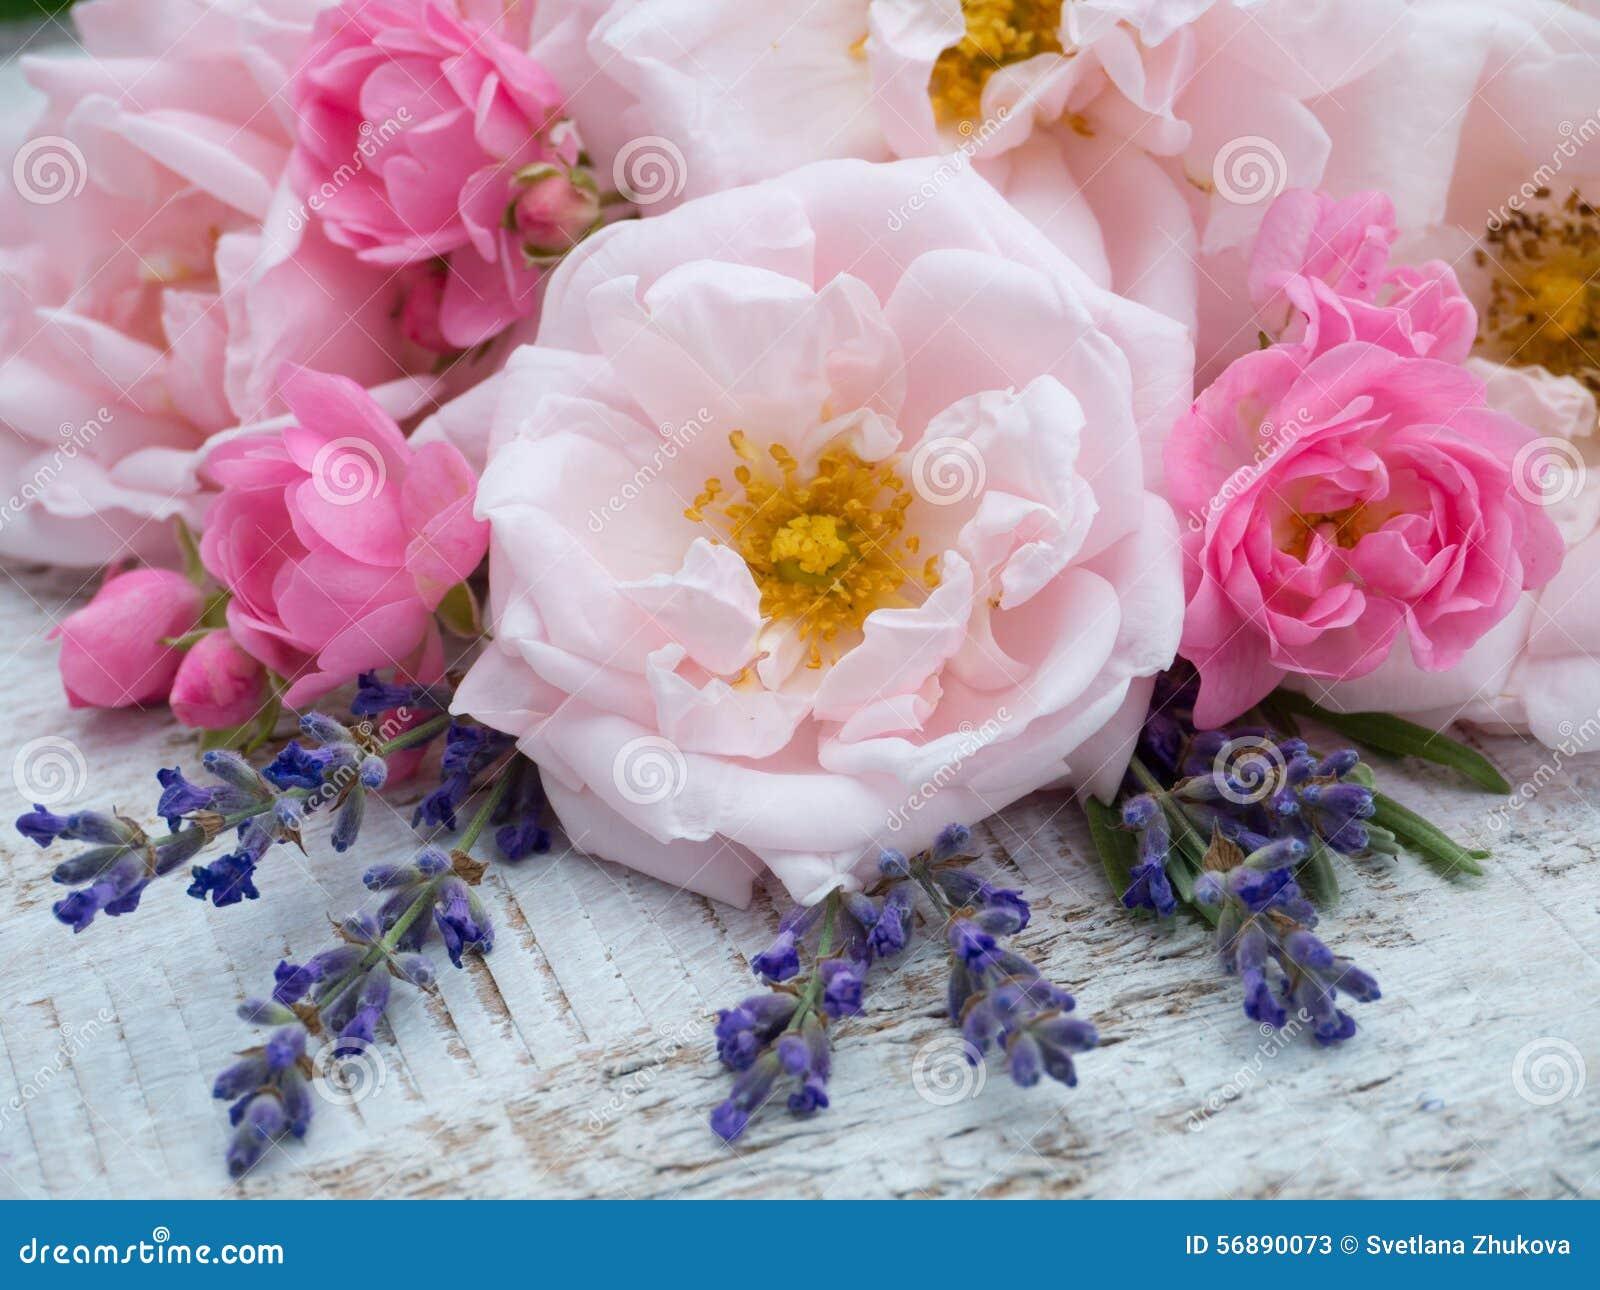 桃红色玫瑰和淡紫色花束在土气背景